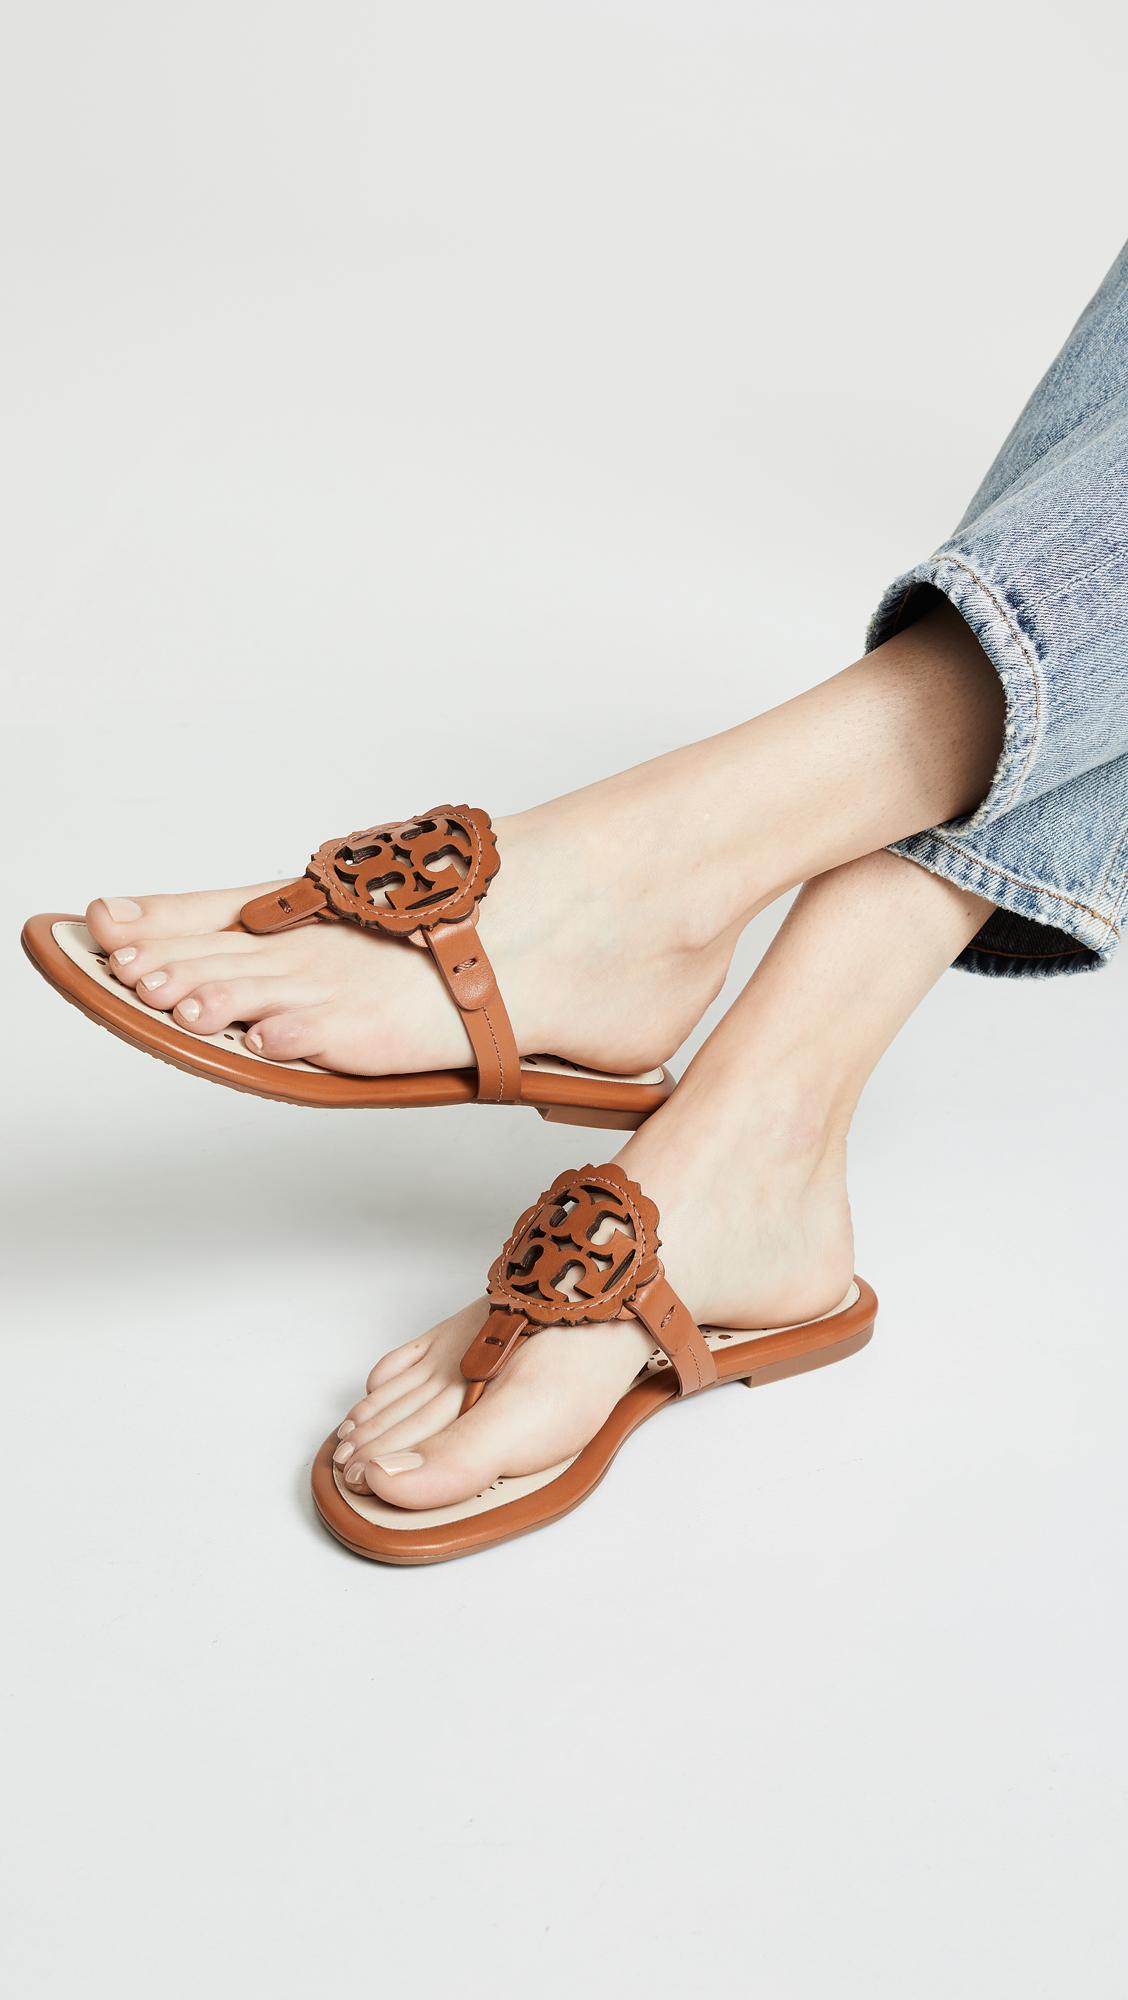 00148d8f192 Tory Burch Miller Scallop Sandals